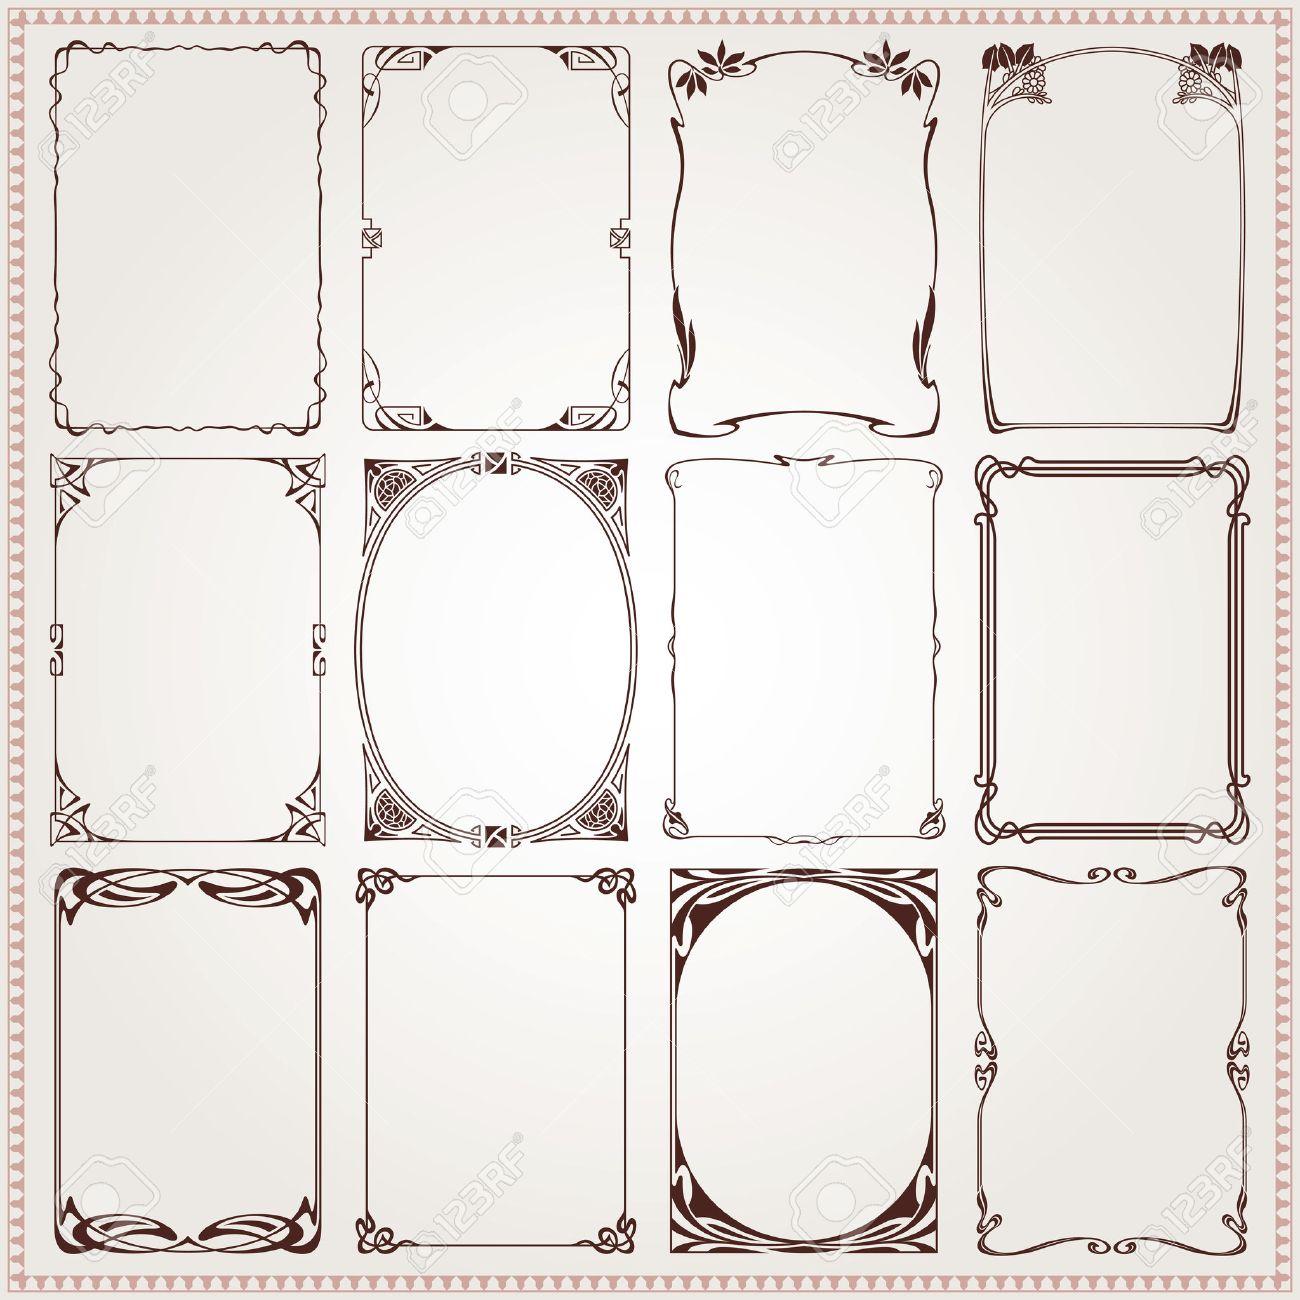 Decorative Vintage Borders And Frames Art Nouveau Style Vector ...